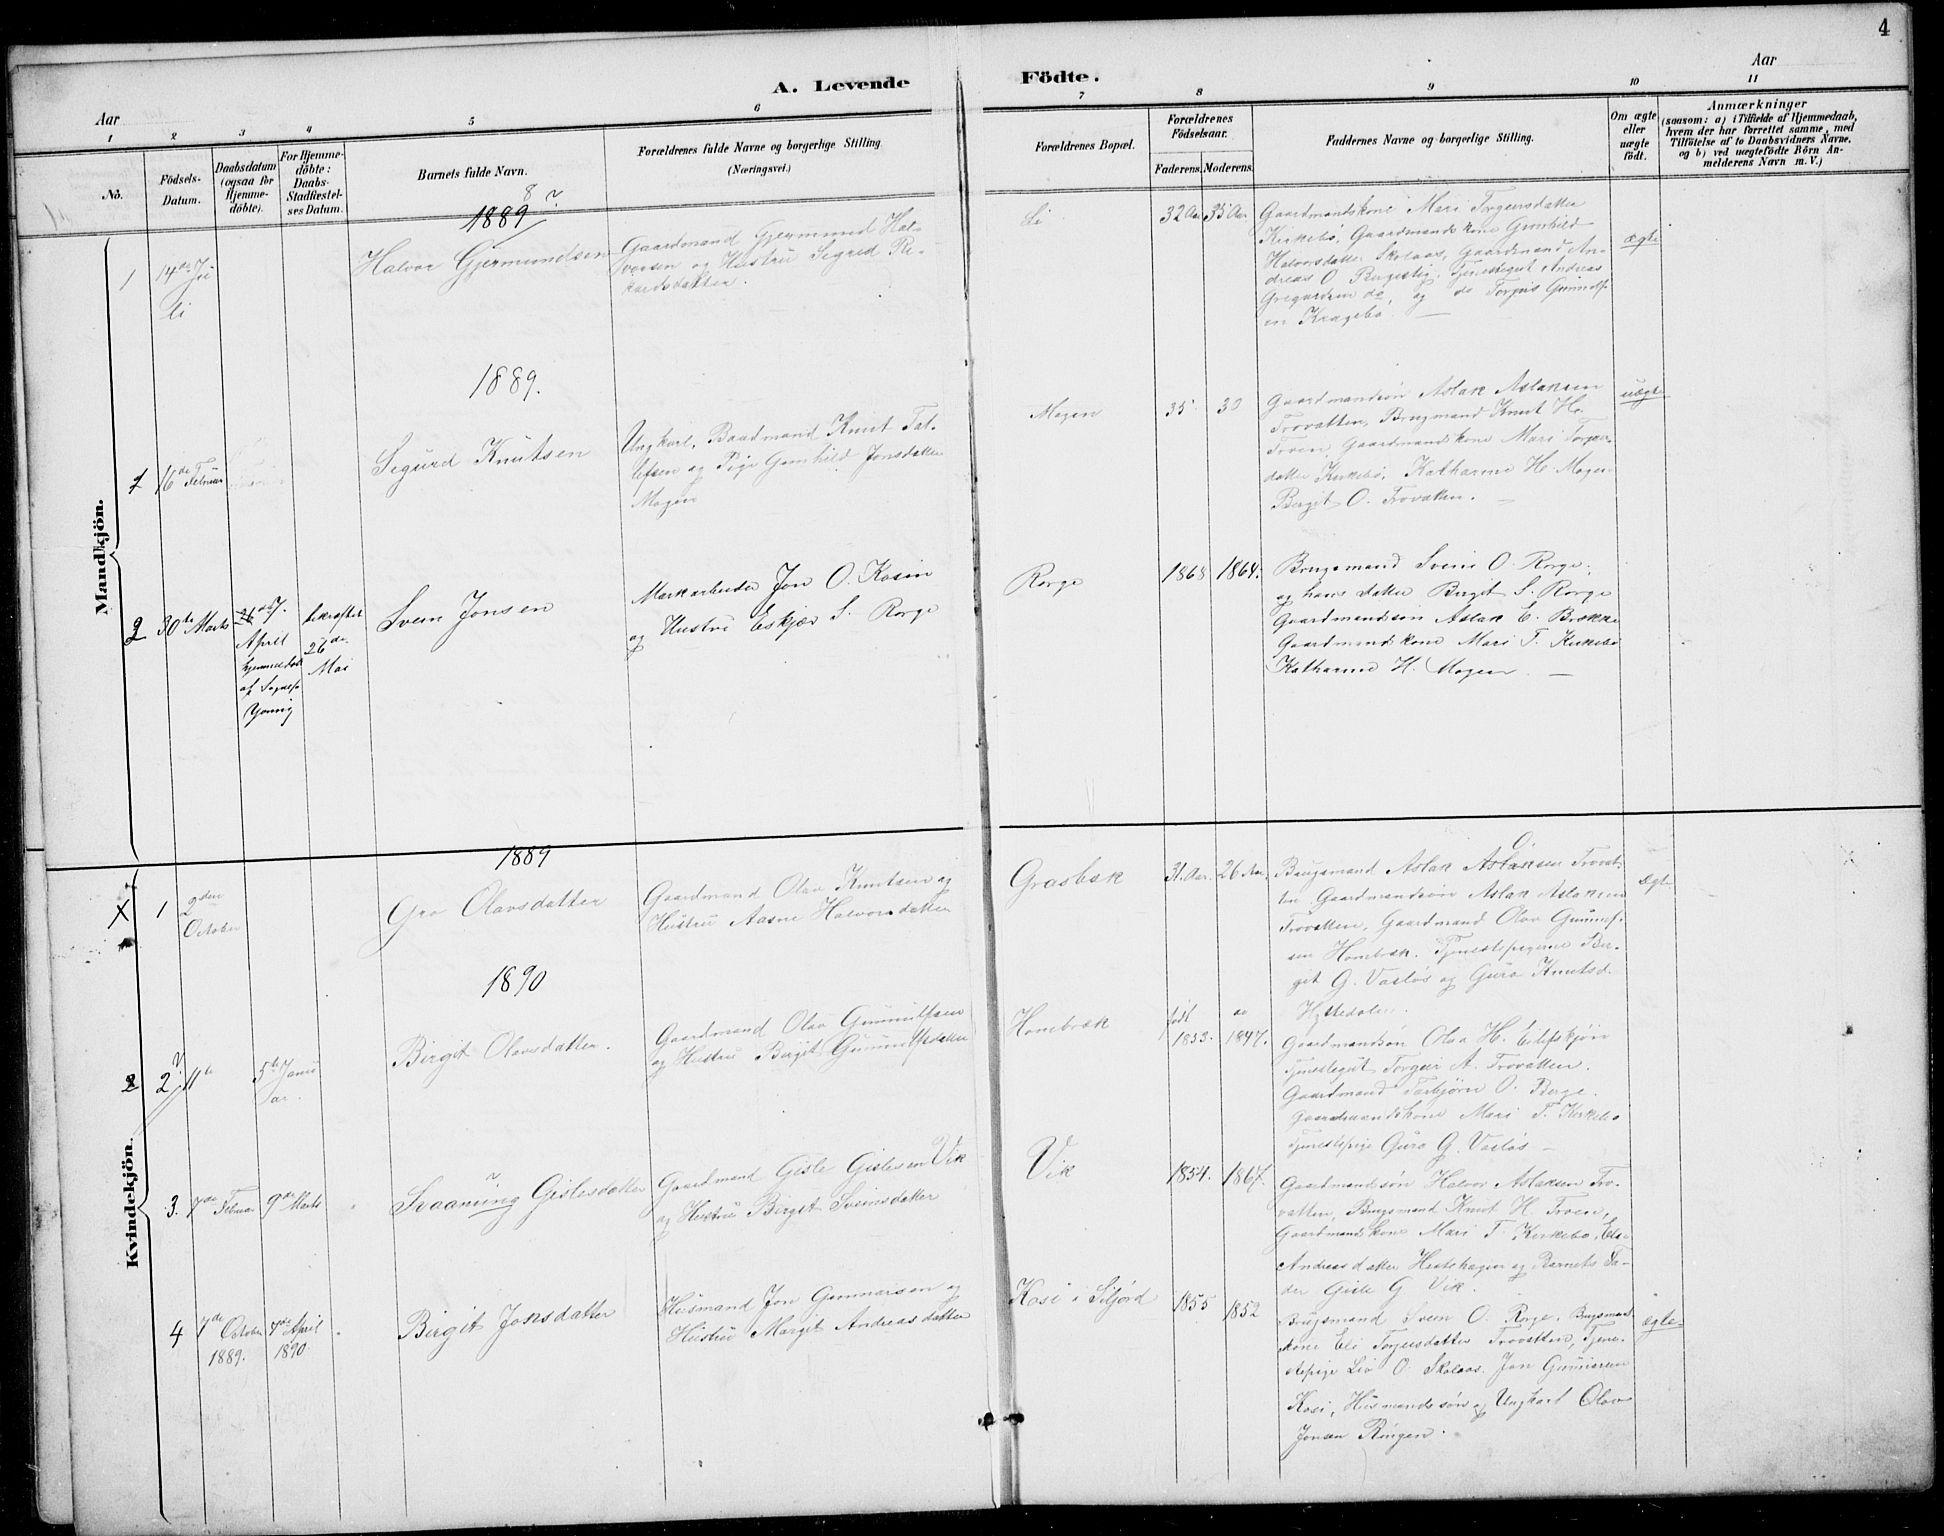 SAKO, Rauland kirkebøker, G/Gb/L0002: Klokkerbok nr. II 2, 1887-1937, s. 4